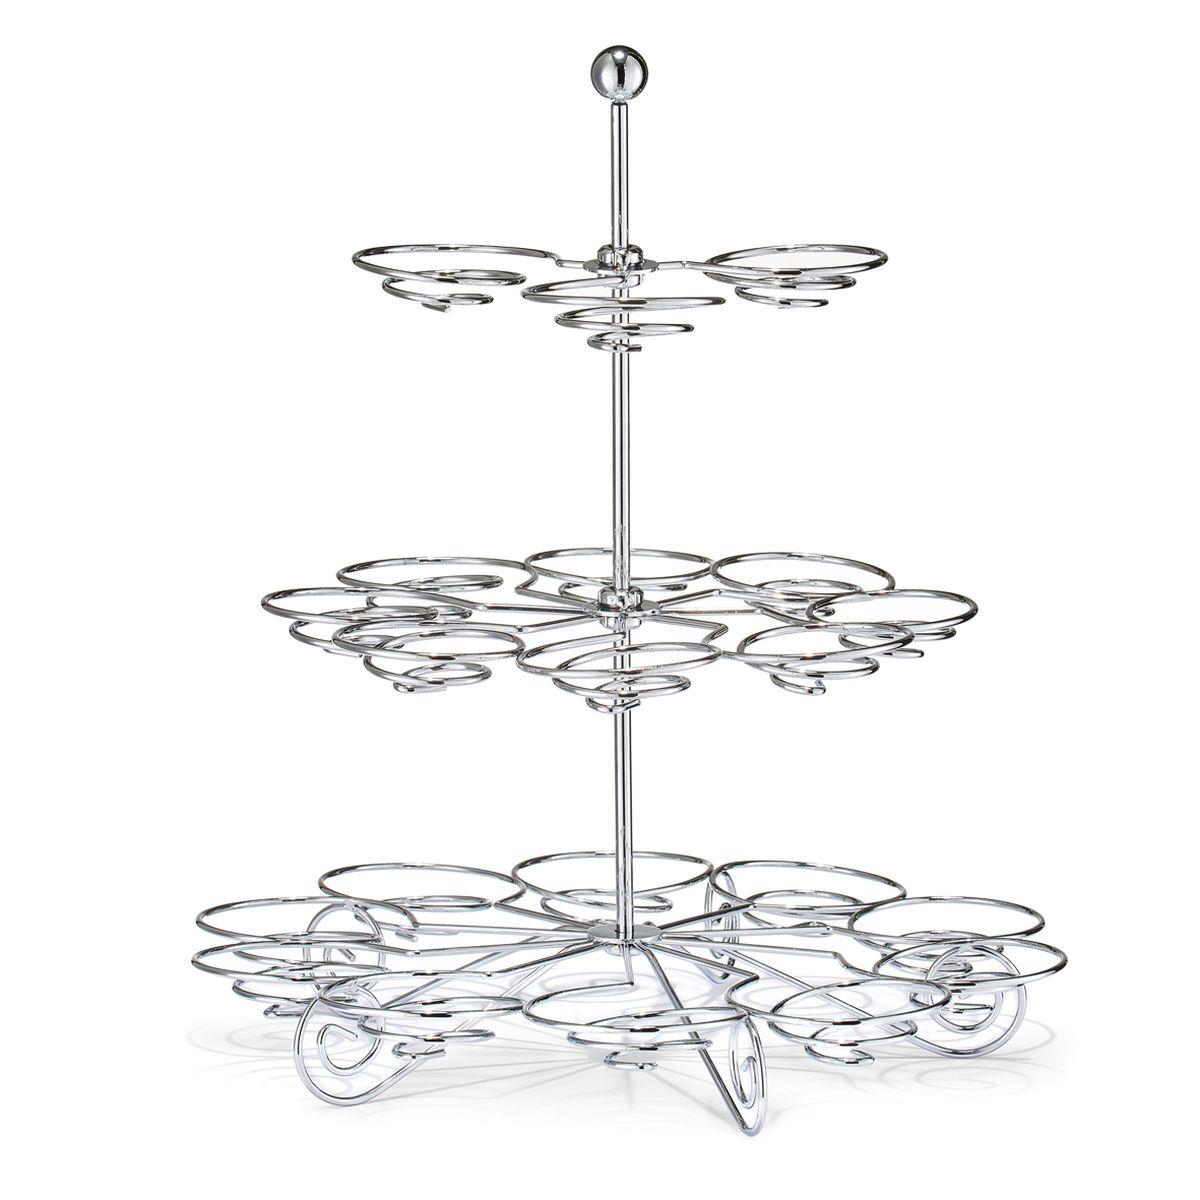 Ваза для десерта Zeller, 3-ярусная, 30 х 34 см27305Изящная ваза для десерта Zeller выполнена из стали и имеет три яруса. Такая ваза украсит стол и позволит подать одновременно много вкусного угощения, не занимая при этом много места на столе. Ваза украсит интерьер вашей кухни и станет отличным подарком.